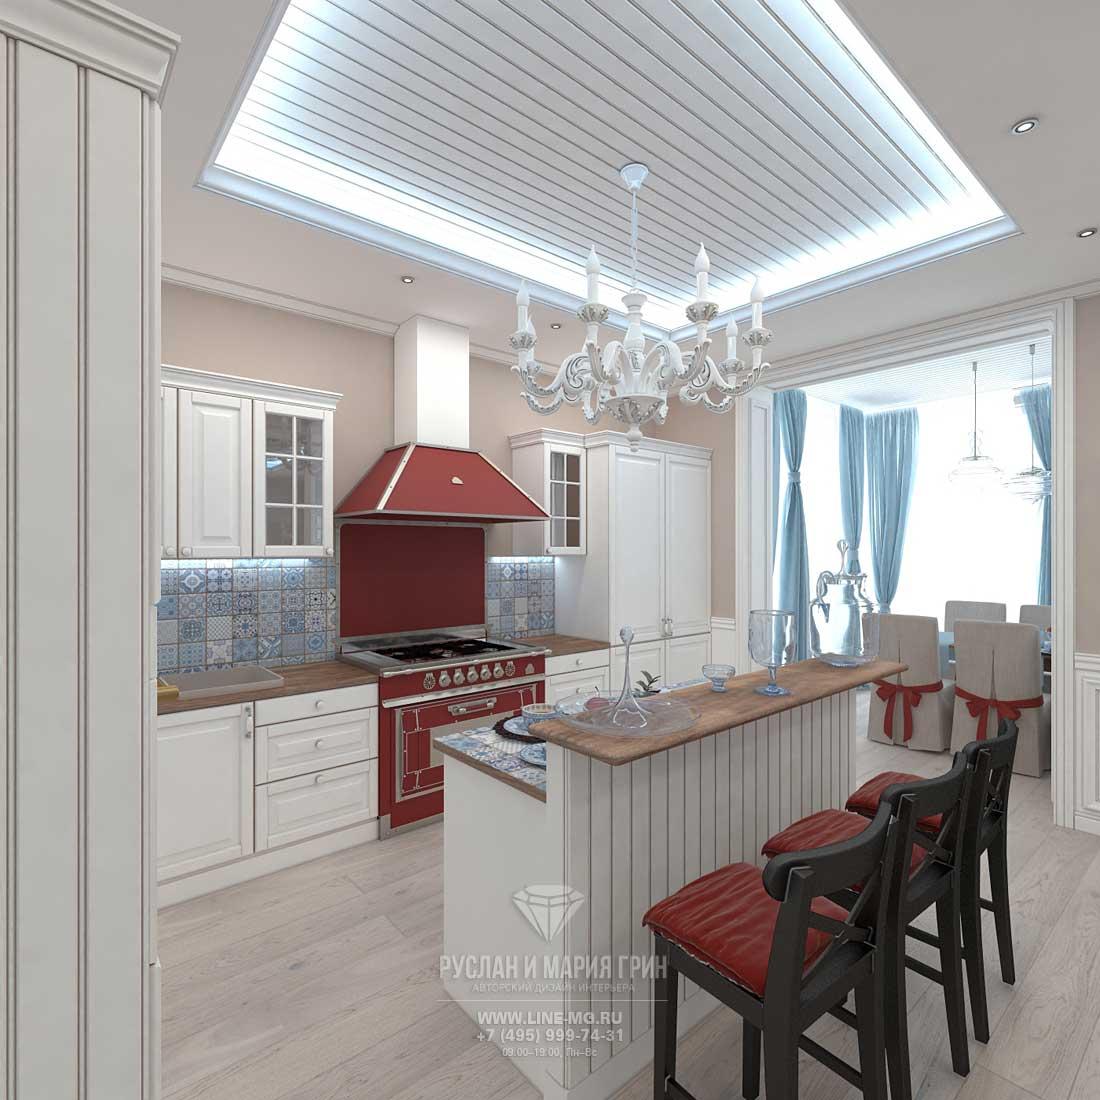 Интерьер кухни с нарядной плиткой в скандинавском стиле